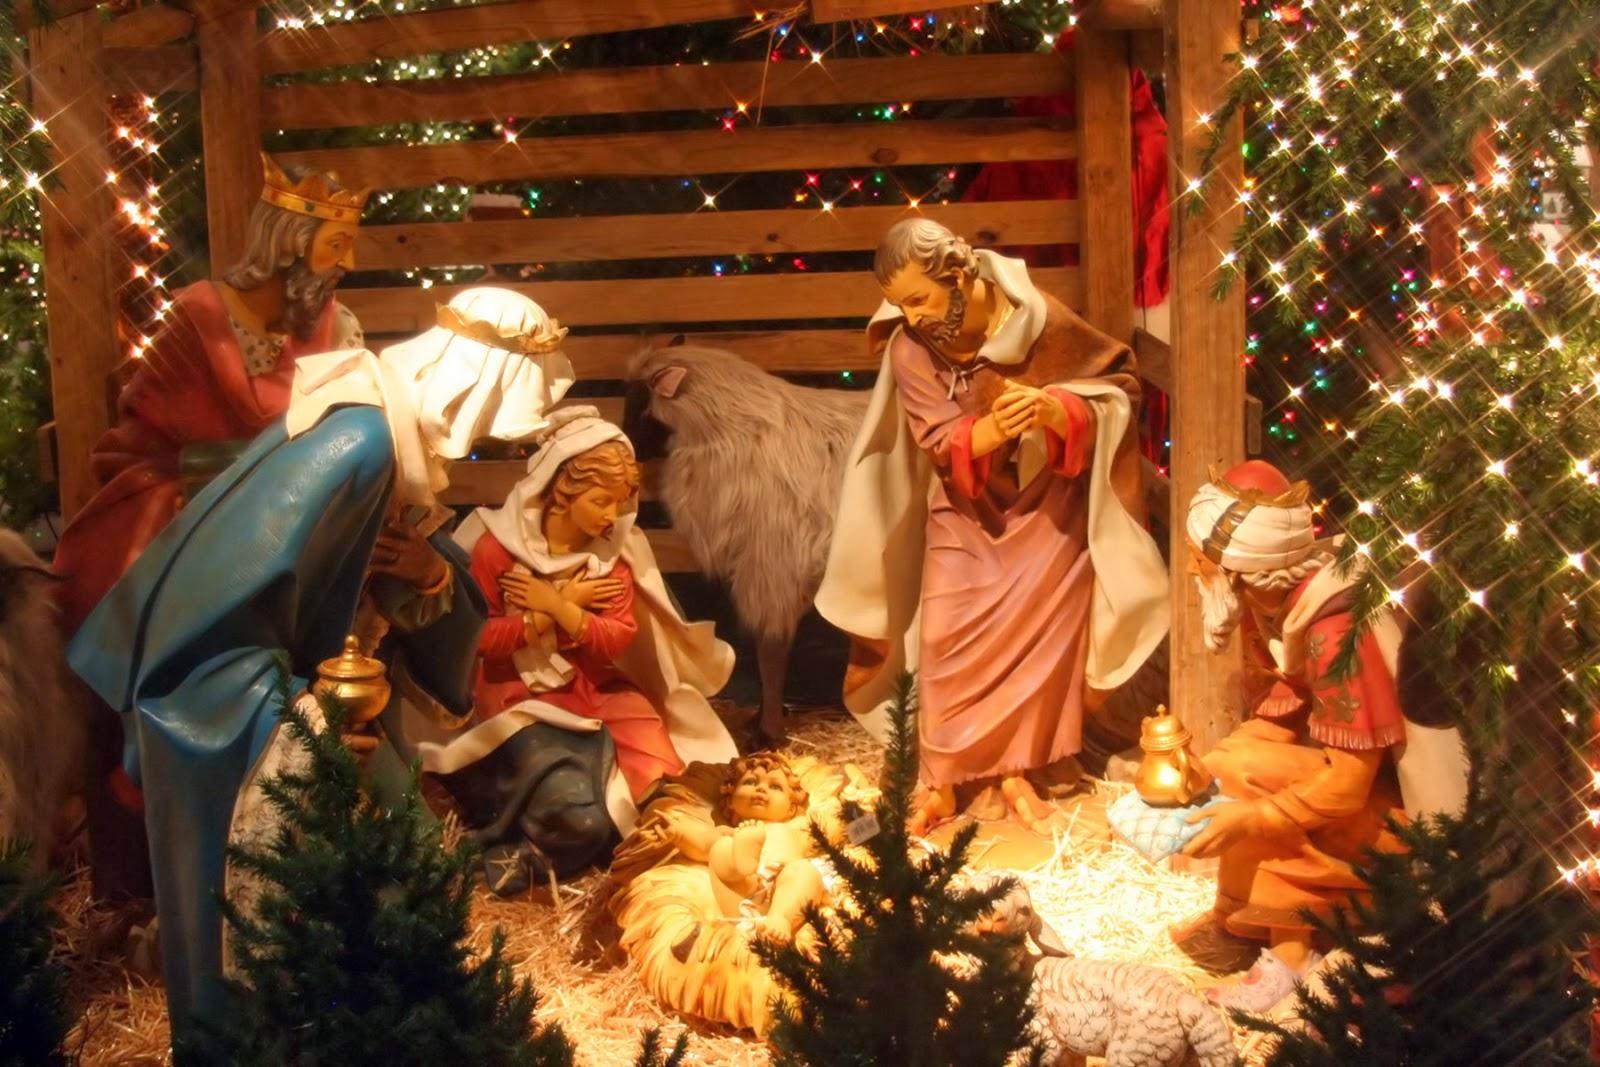 Mas De 200 Fotos E Imagenes De Navidad Para Descargar Y Compartir